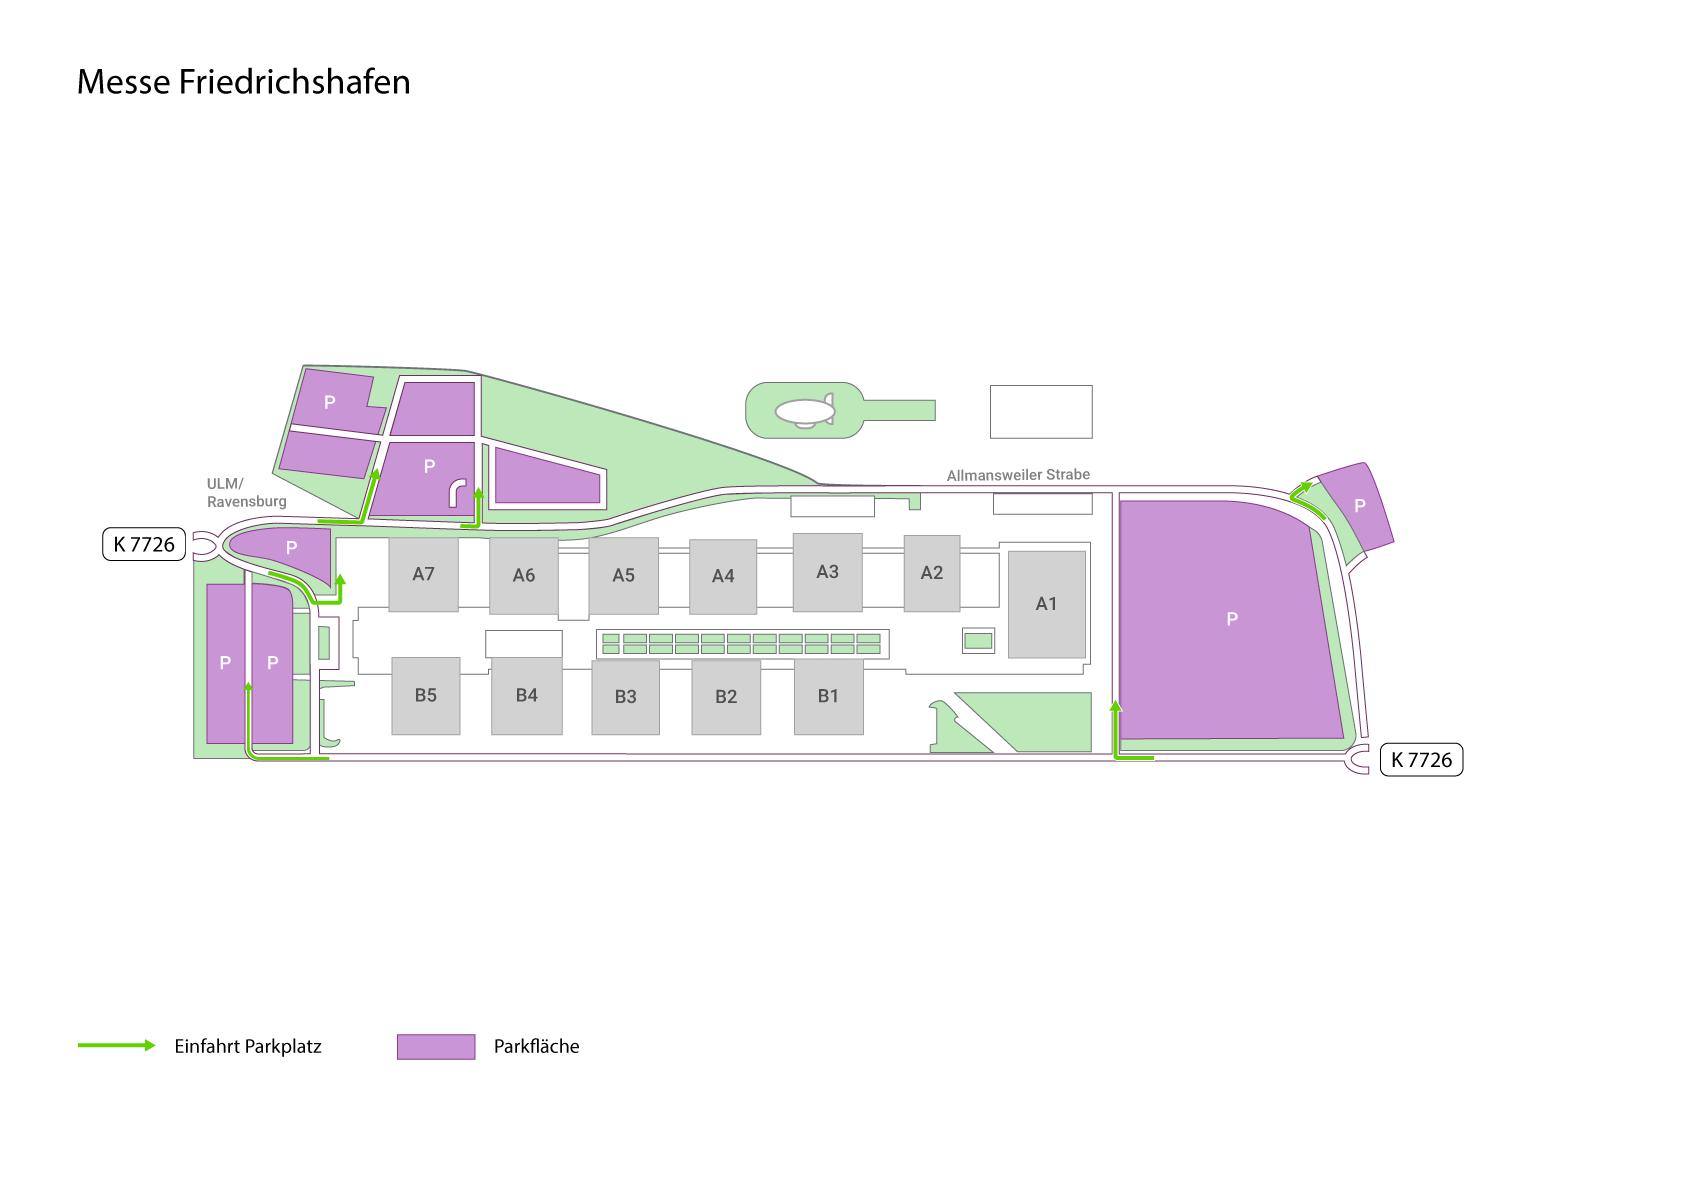 messe friedrichshafen infos zu anfahrt parken amp hotels. Black Bedroom Furniture Sets. Home Design Ideas